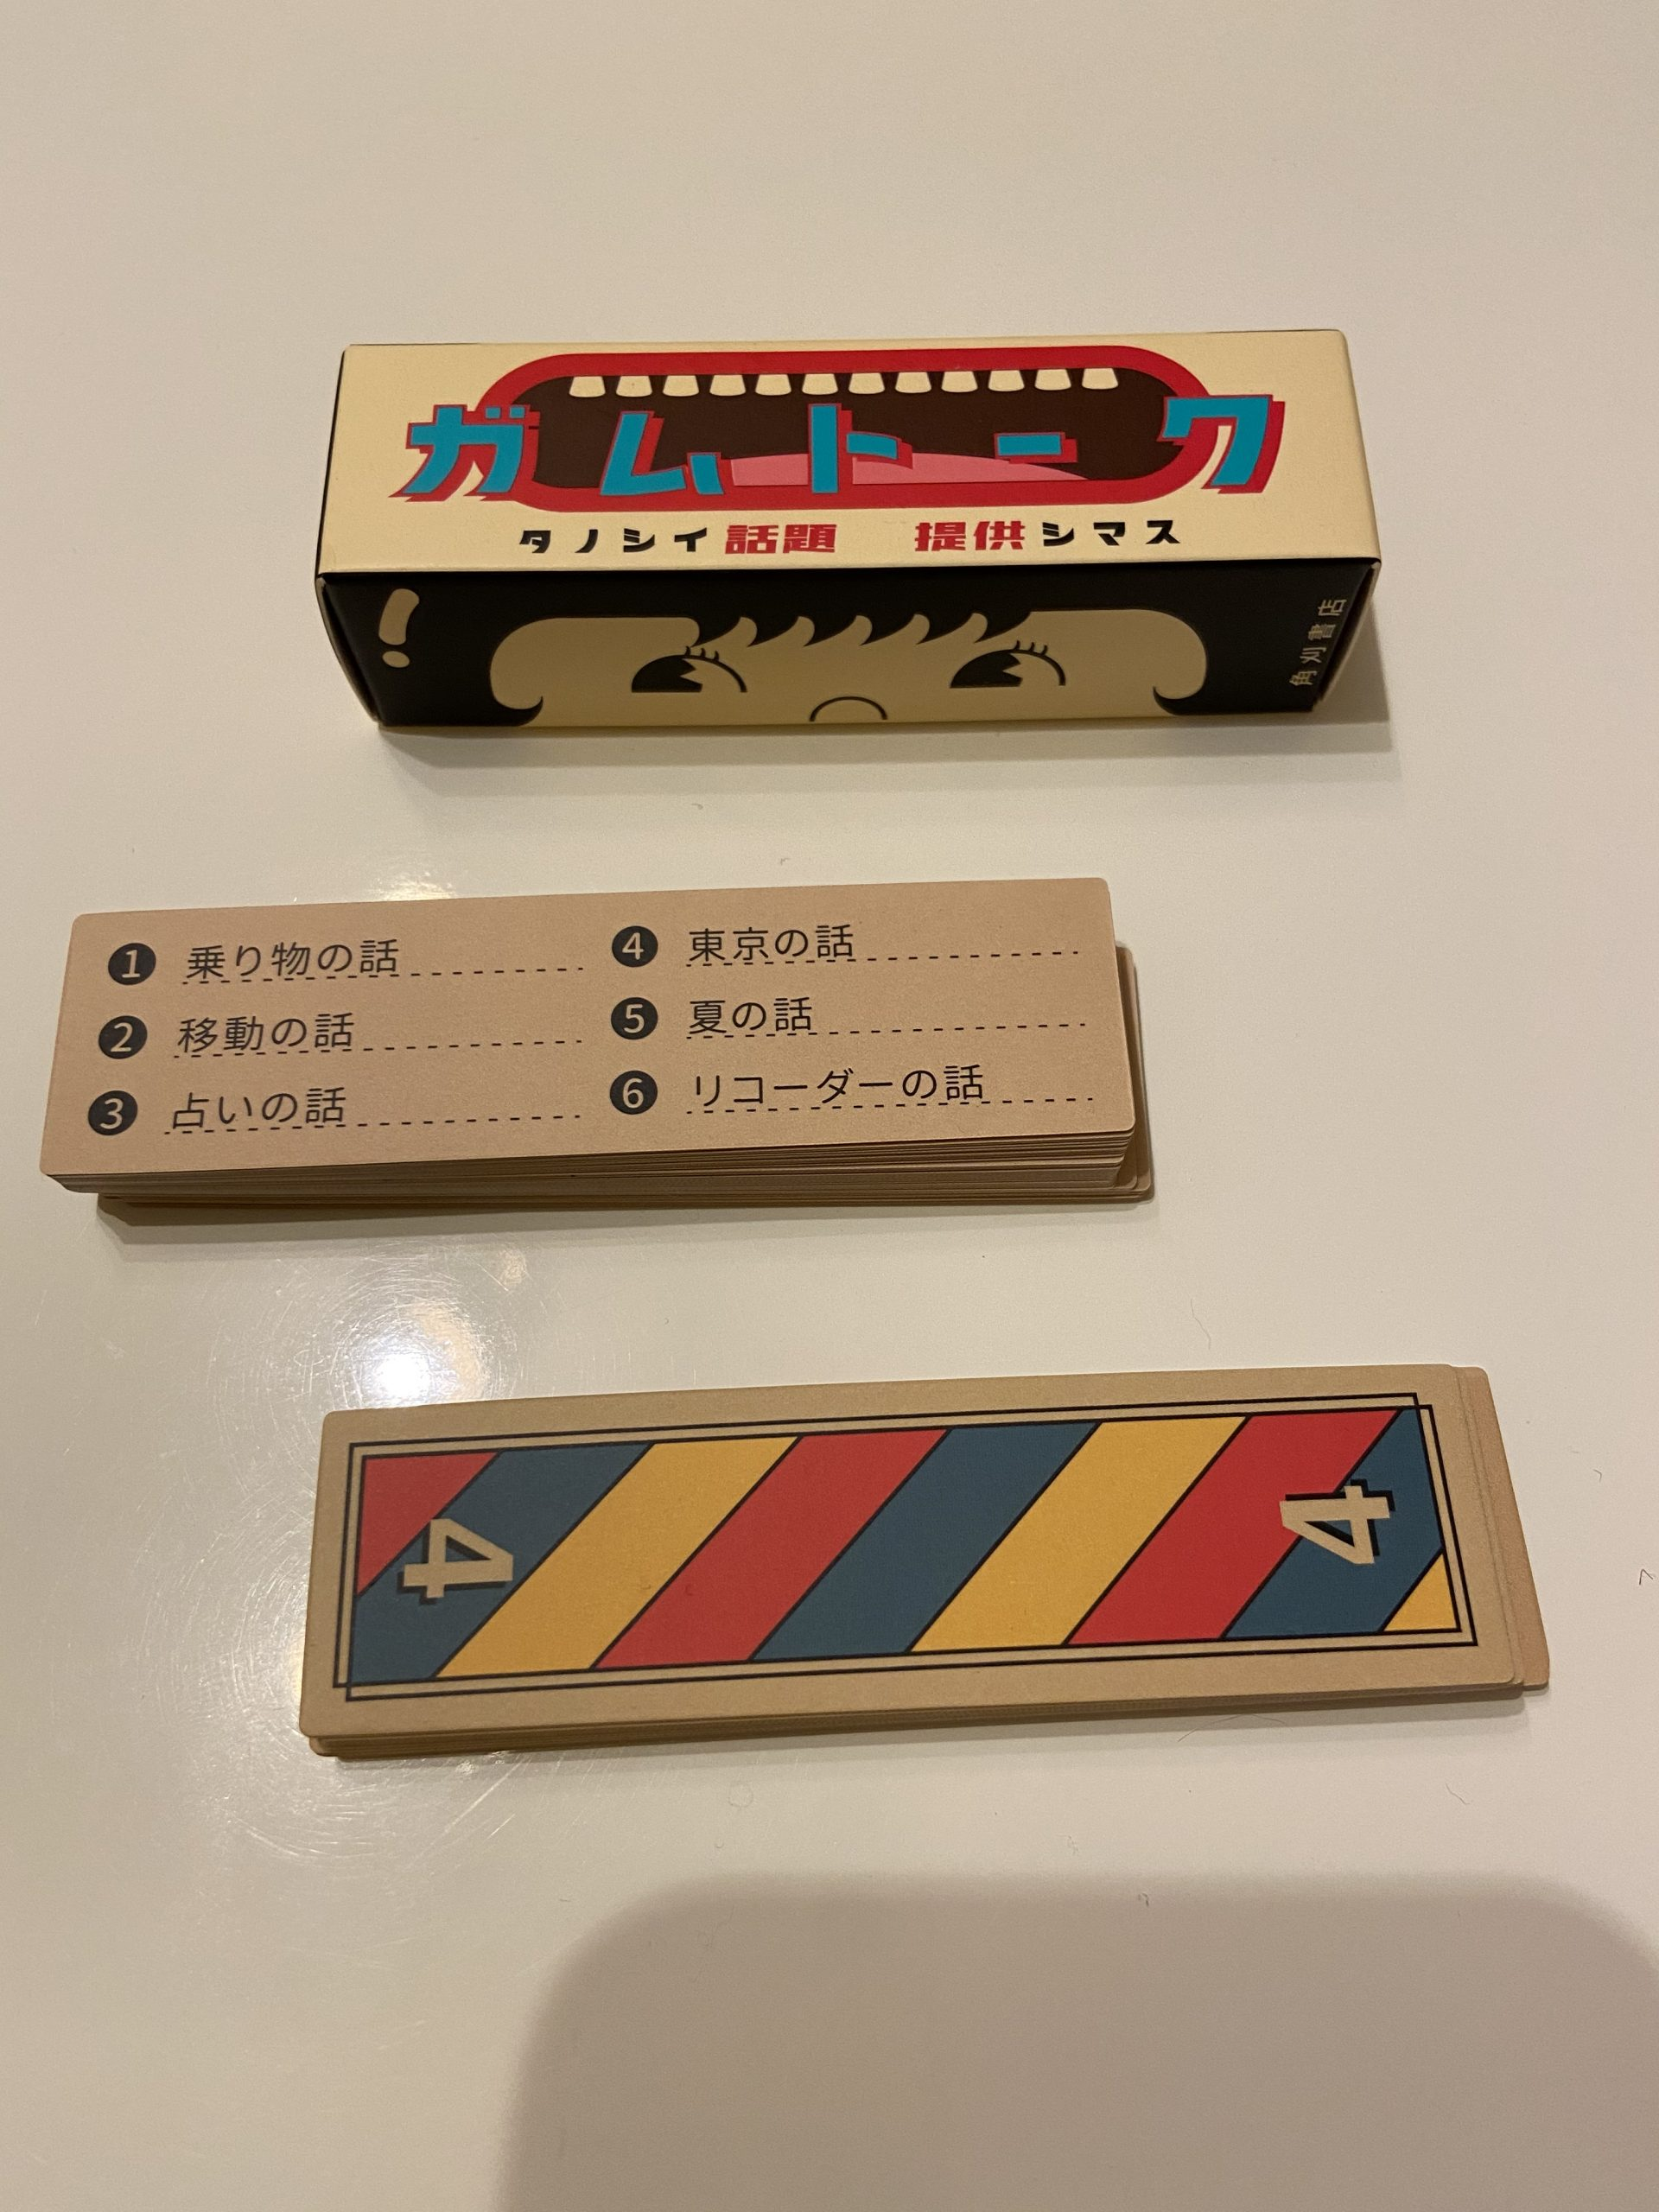 【ポッドキャスト】サラバ沈黙ヨウコソ話題!